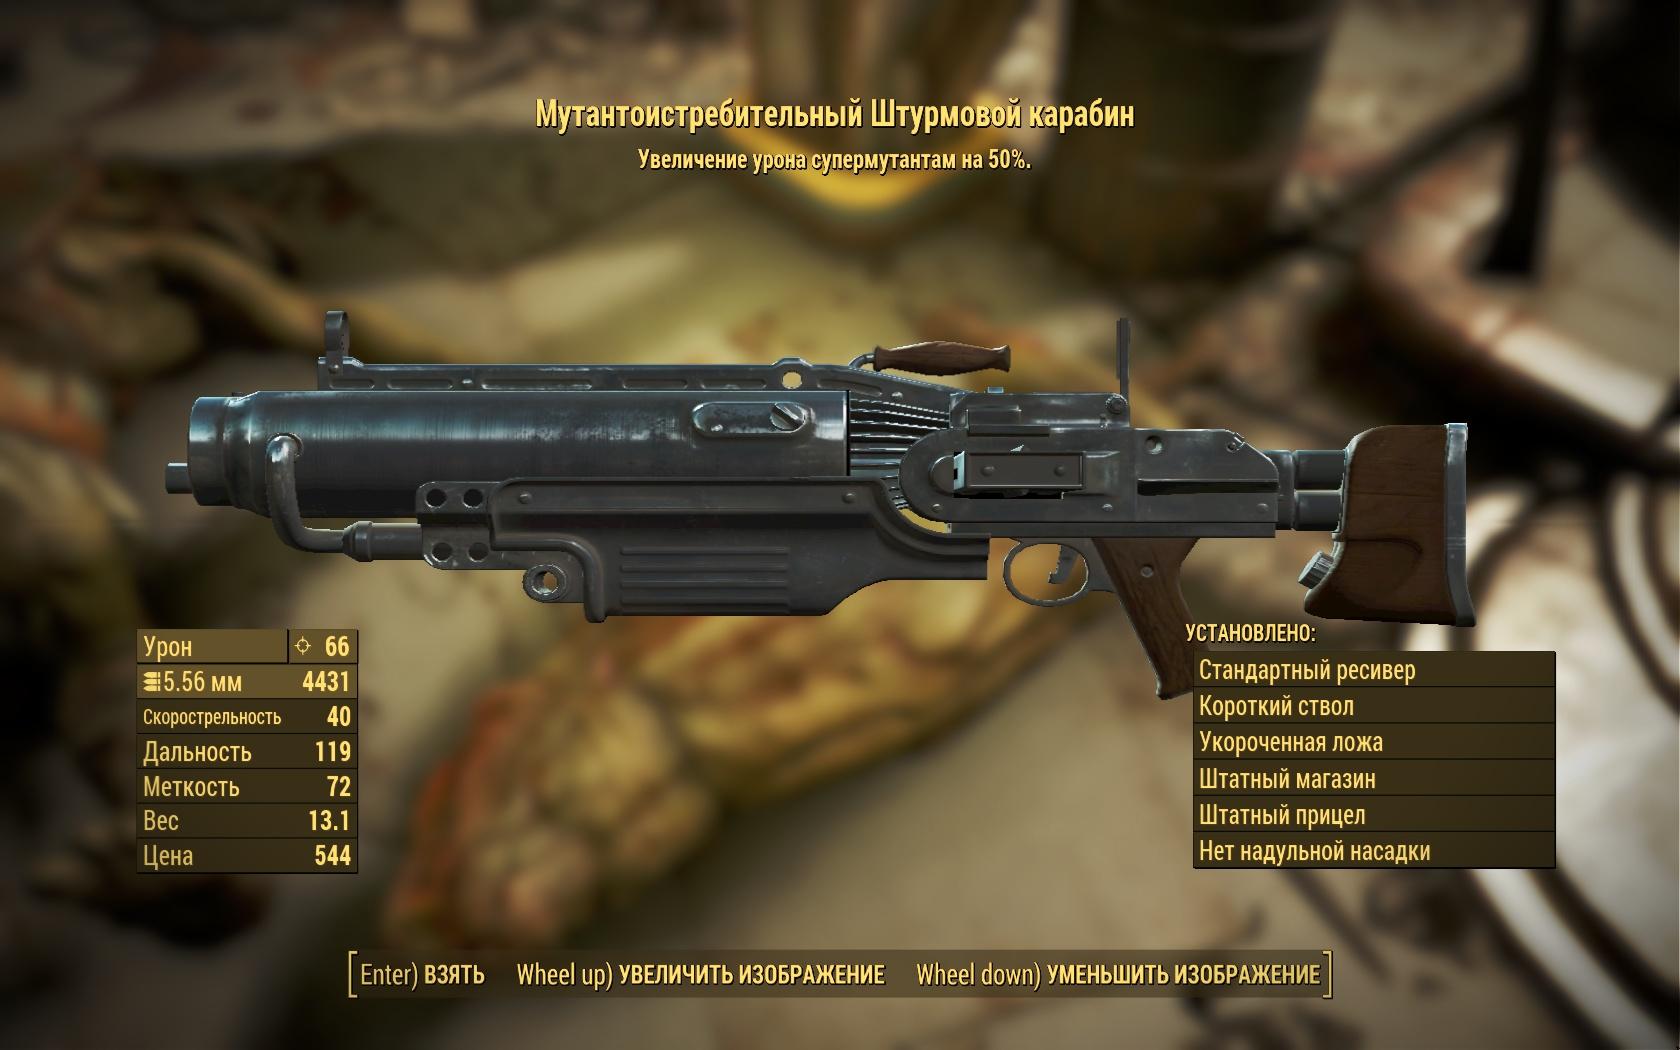 карабин - Fallout 4 Мутантоистребительный, Оружие, штурмовой